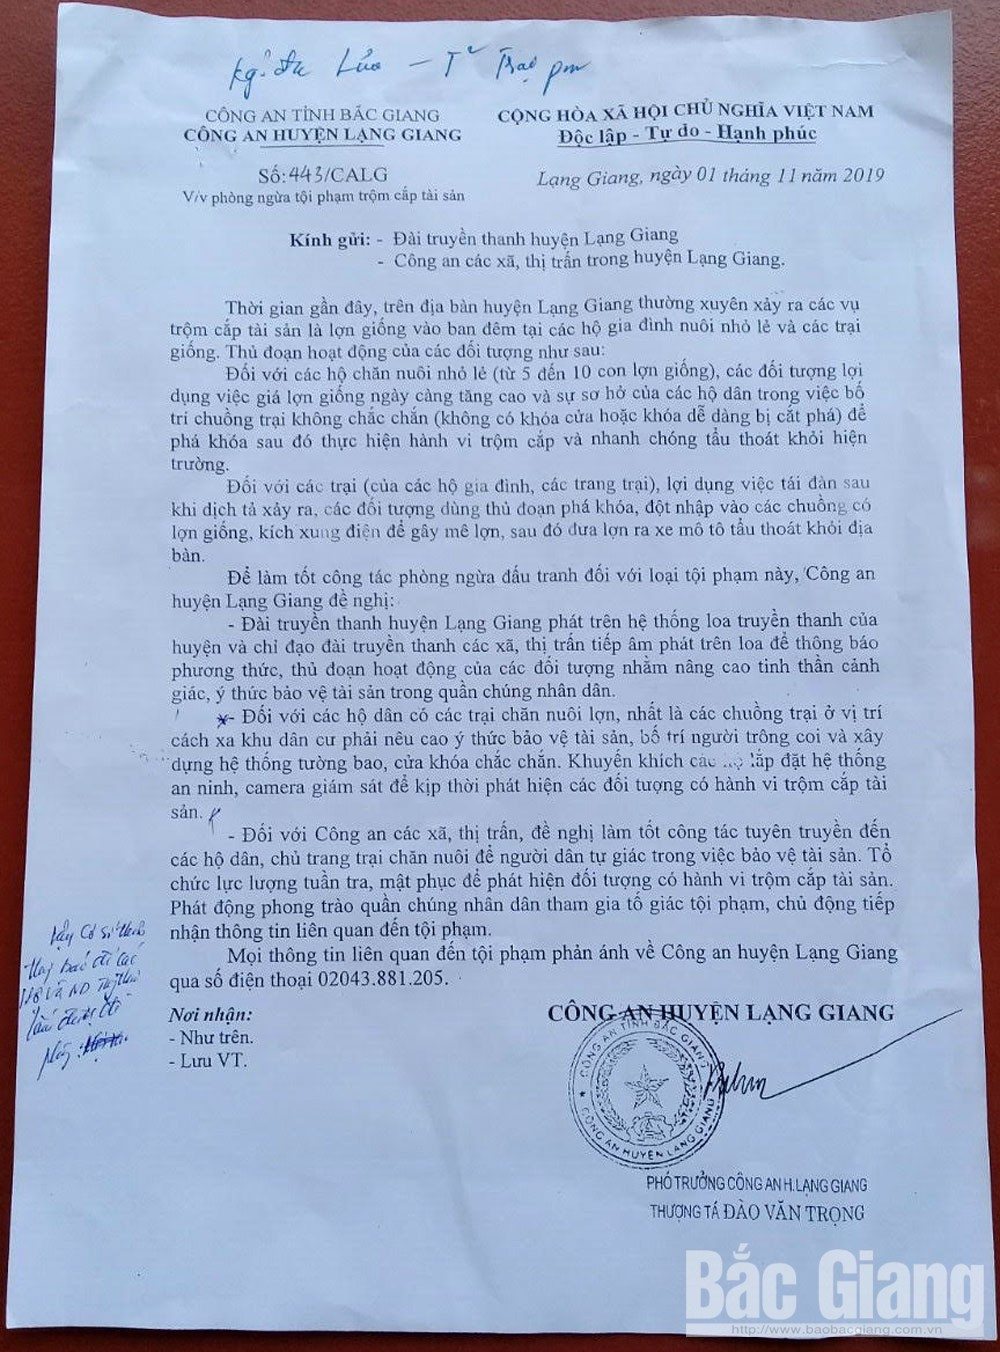 Trộm cắp tài sản, trộm cắp lợn, Công an huyện Lạng Giang